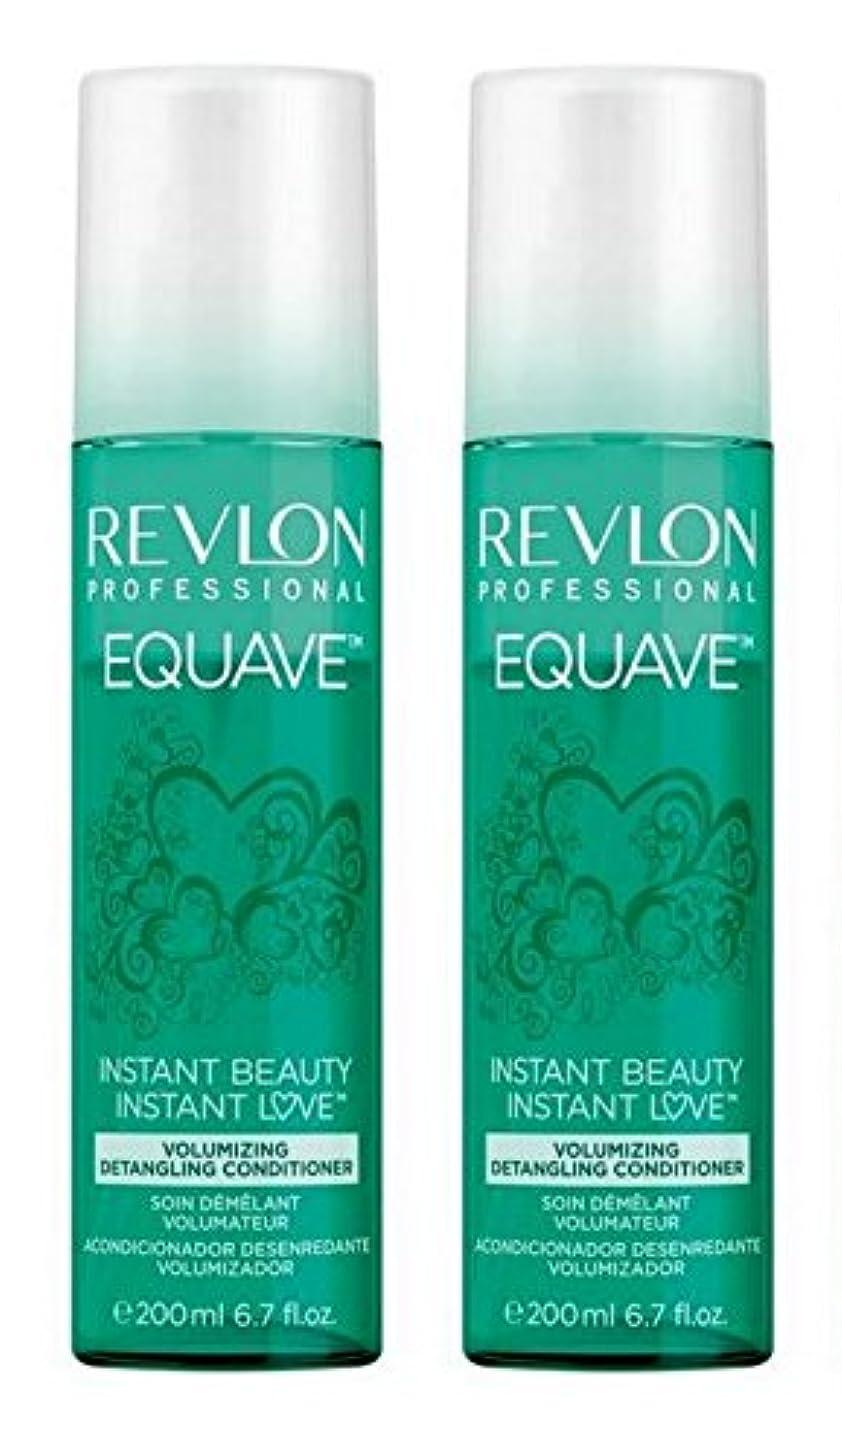 Revlon Equave Volumizingデタングルコンディショナー、2 x 200 ml